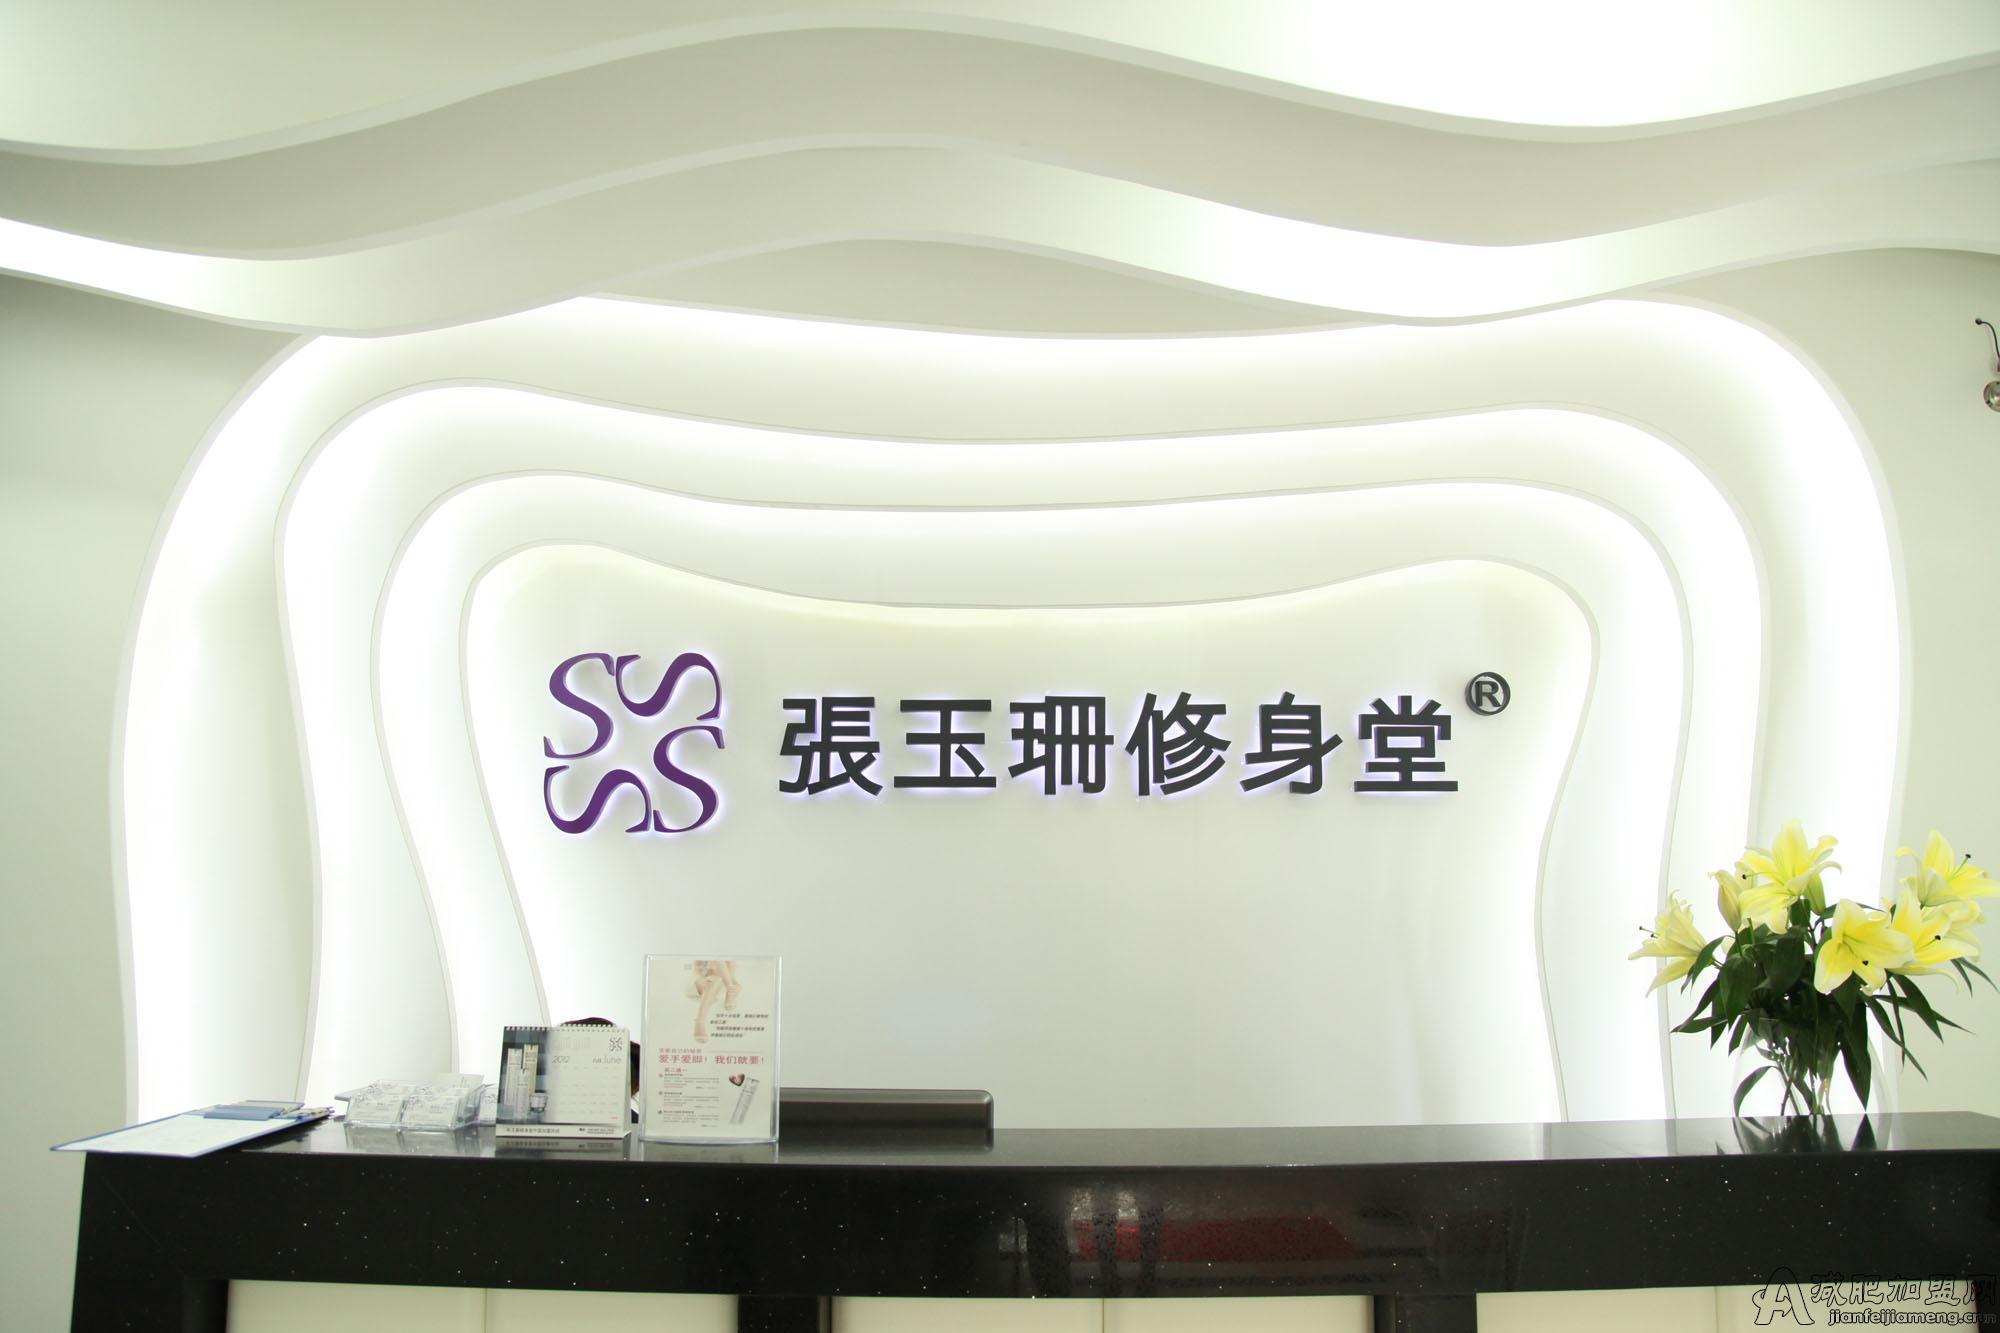 上海修身堂减肥咖啡